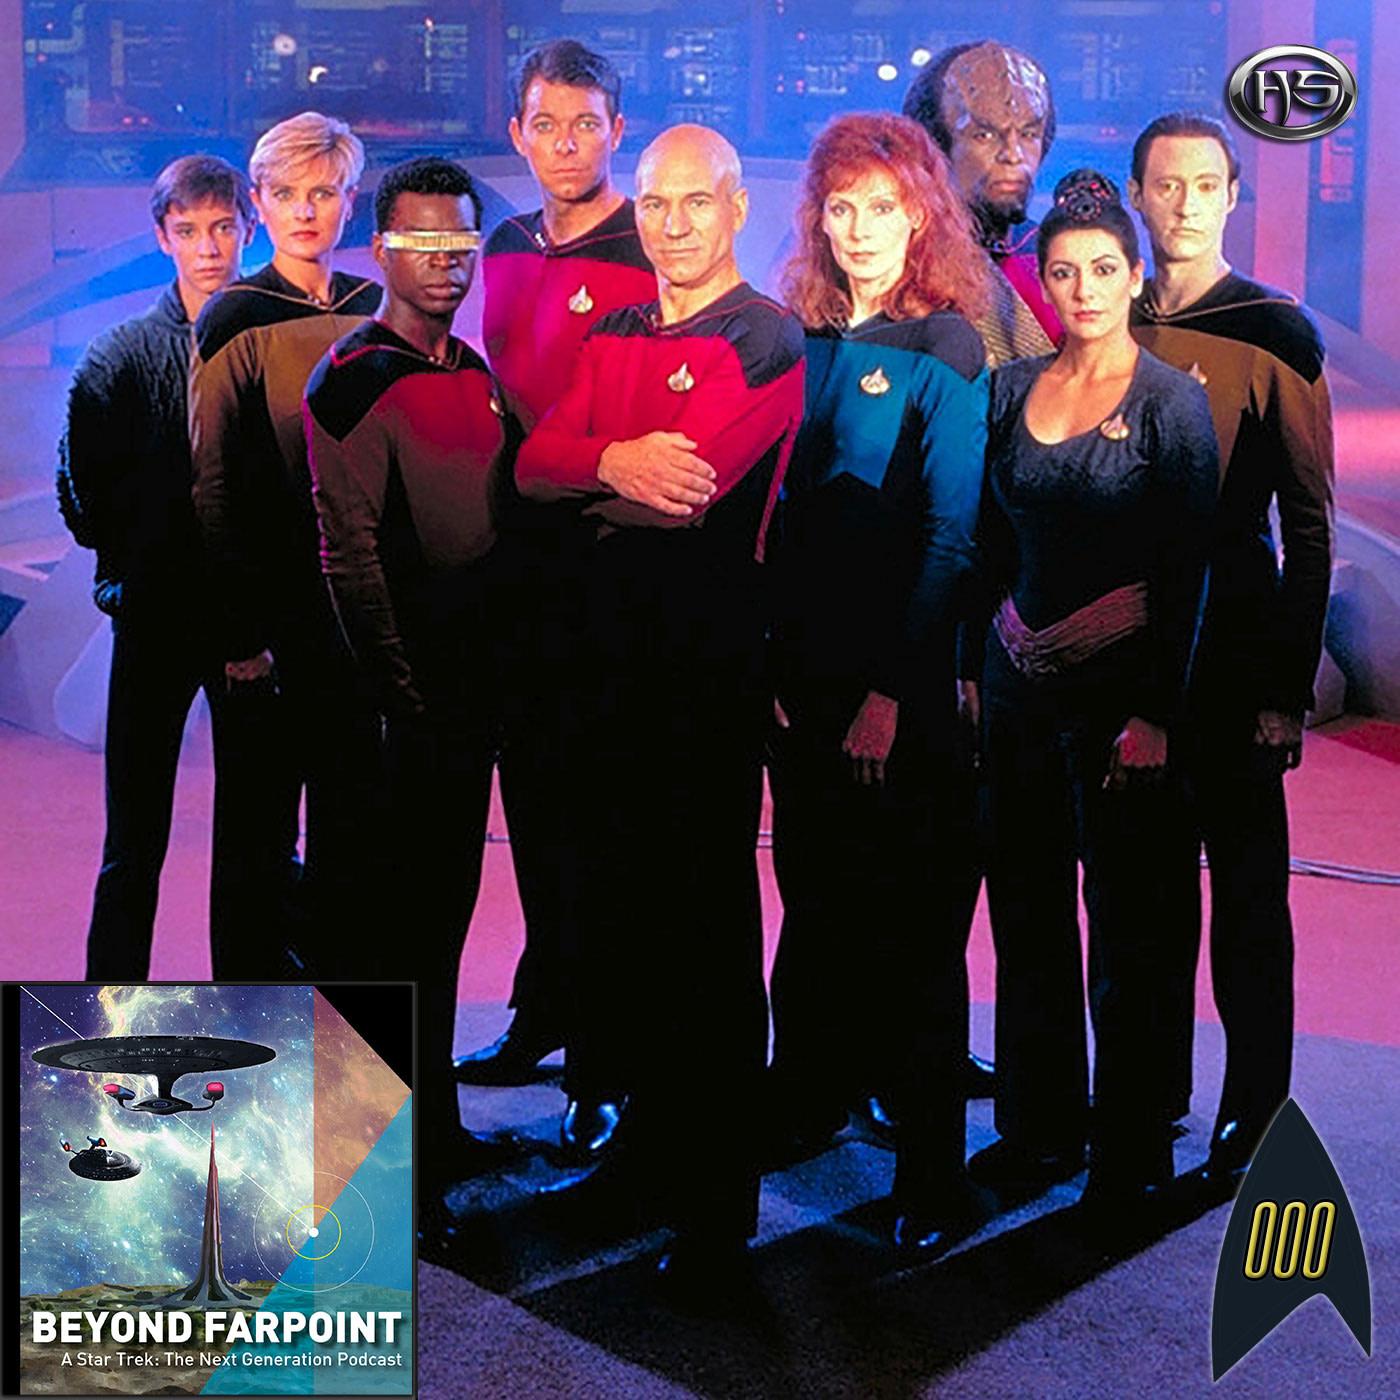 Beyond Farpoint Episode 0